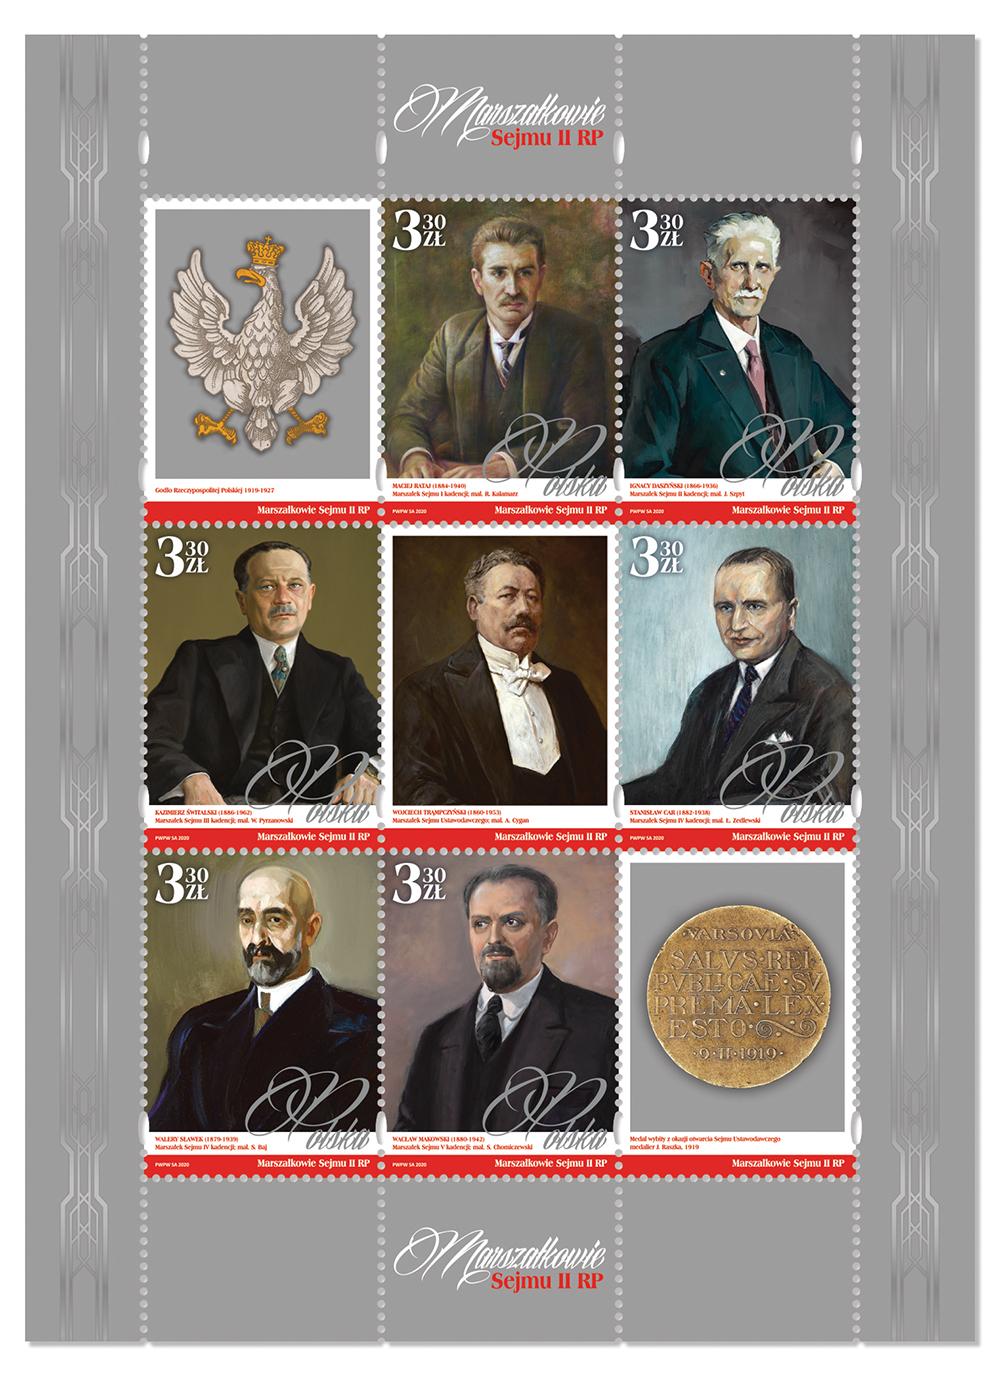 波兰11月11日发行波兰第二共和国下议院的领袖邮票